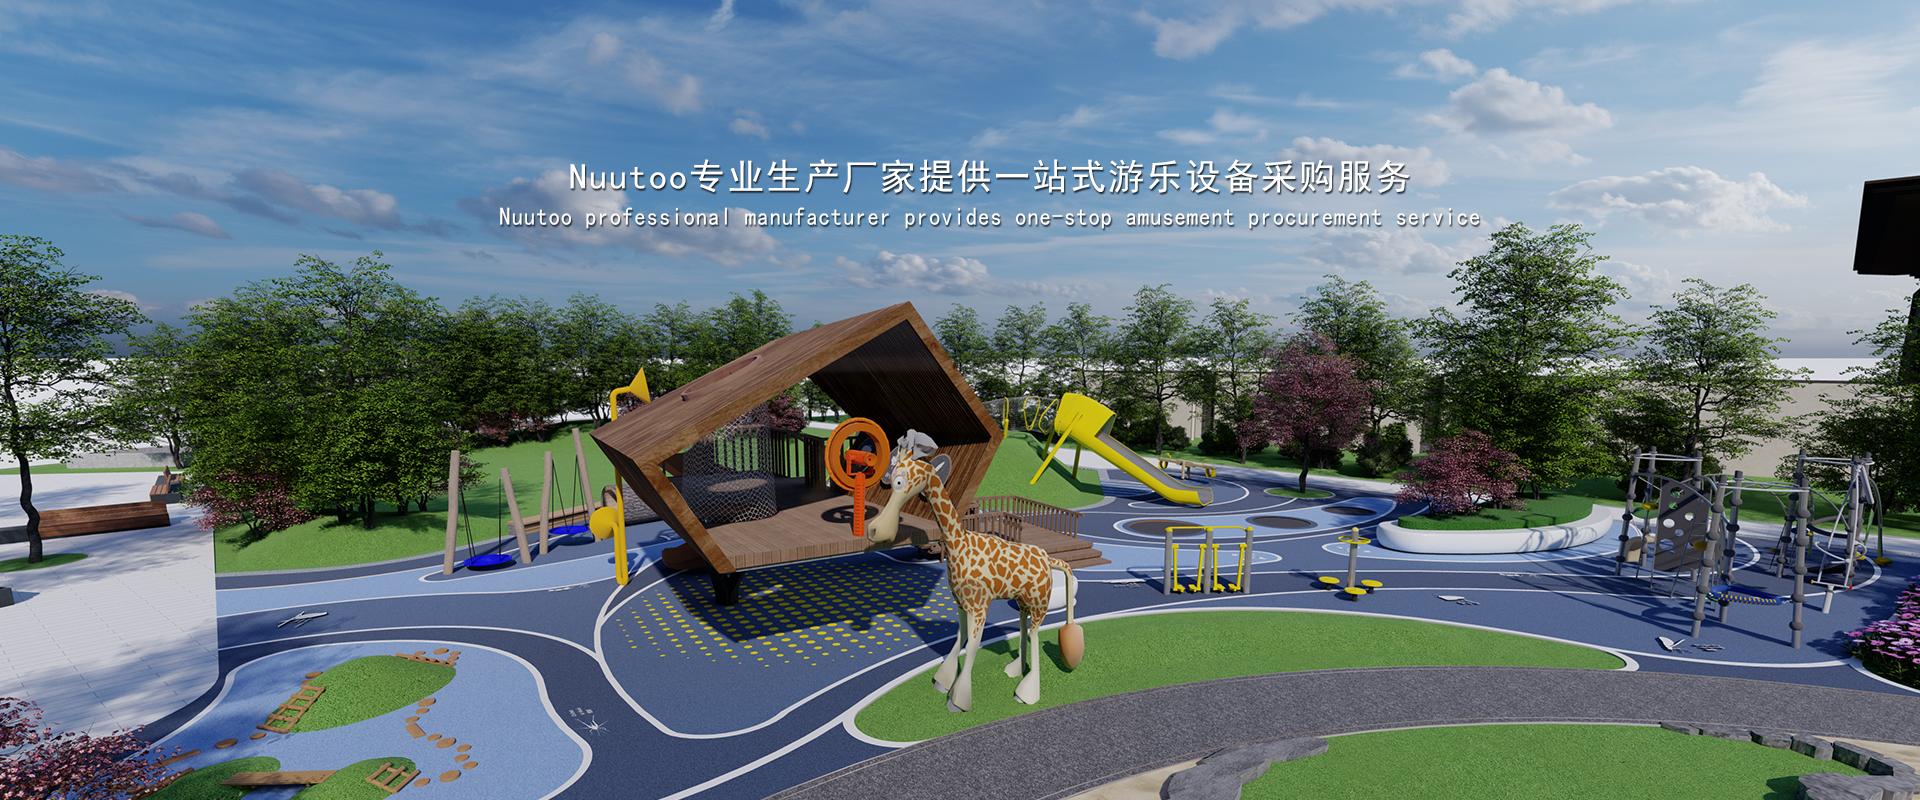 現在戶外兒童樂園都有哪些游樂設備